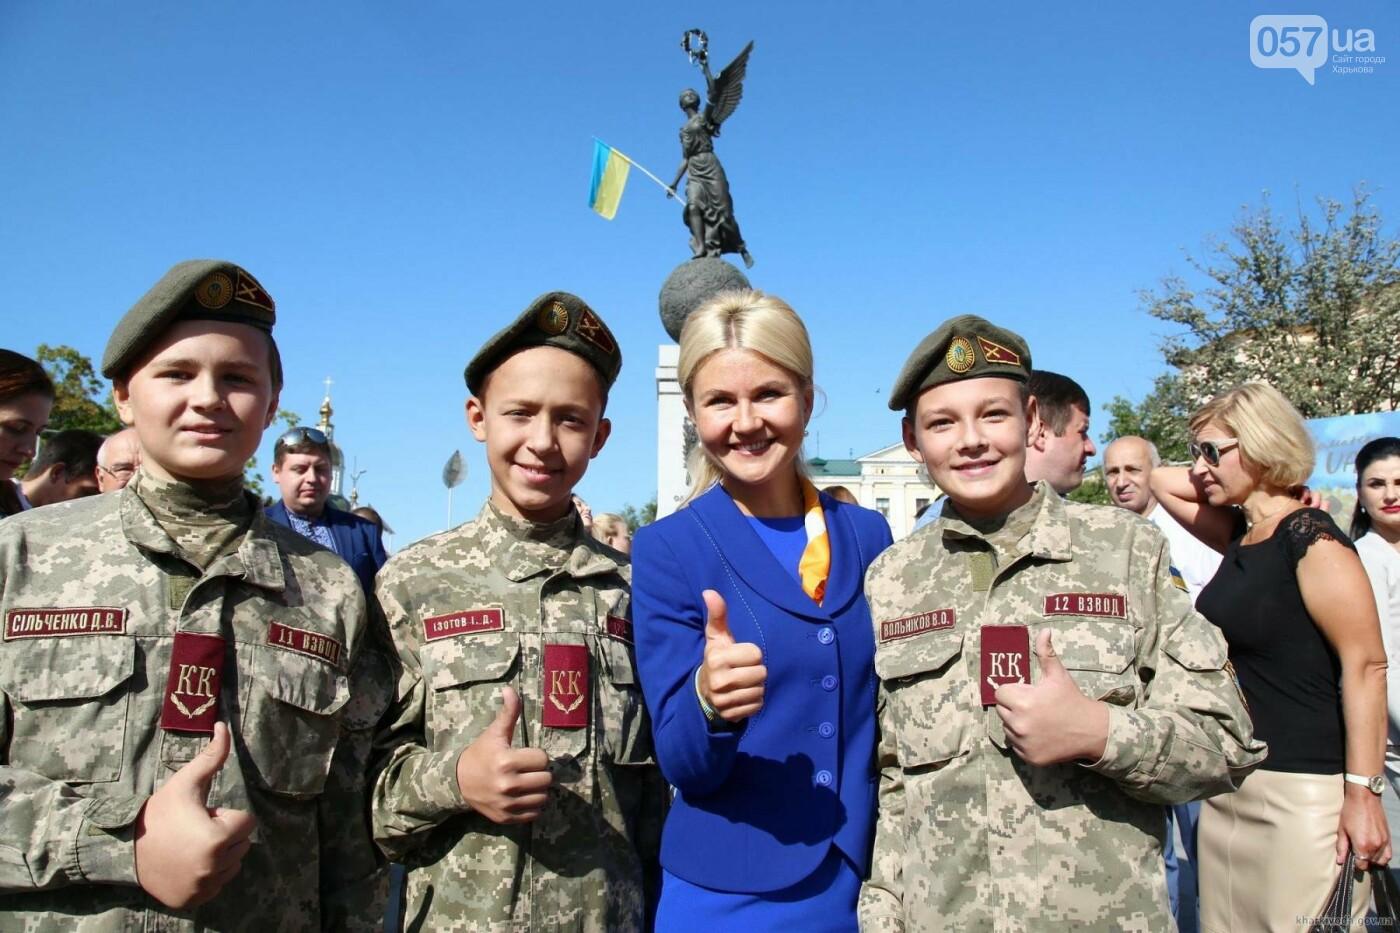 В Харькове отметили День флага масштабным флэшмобом, фото-2